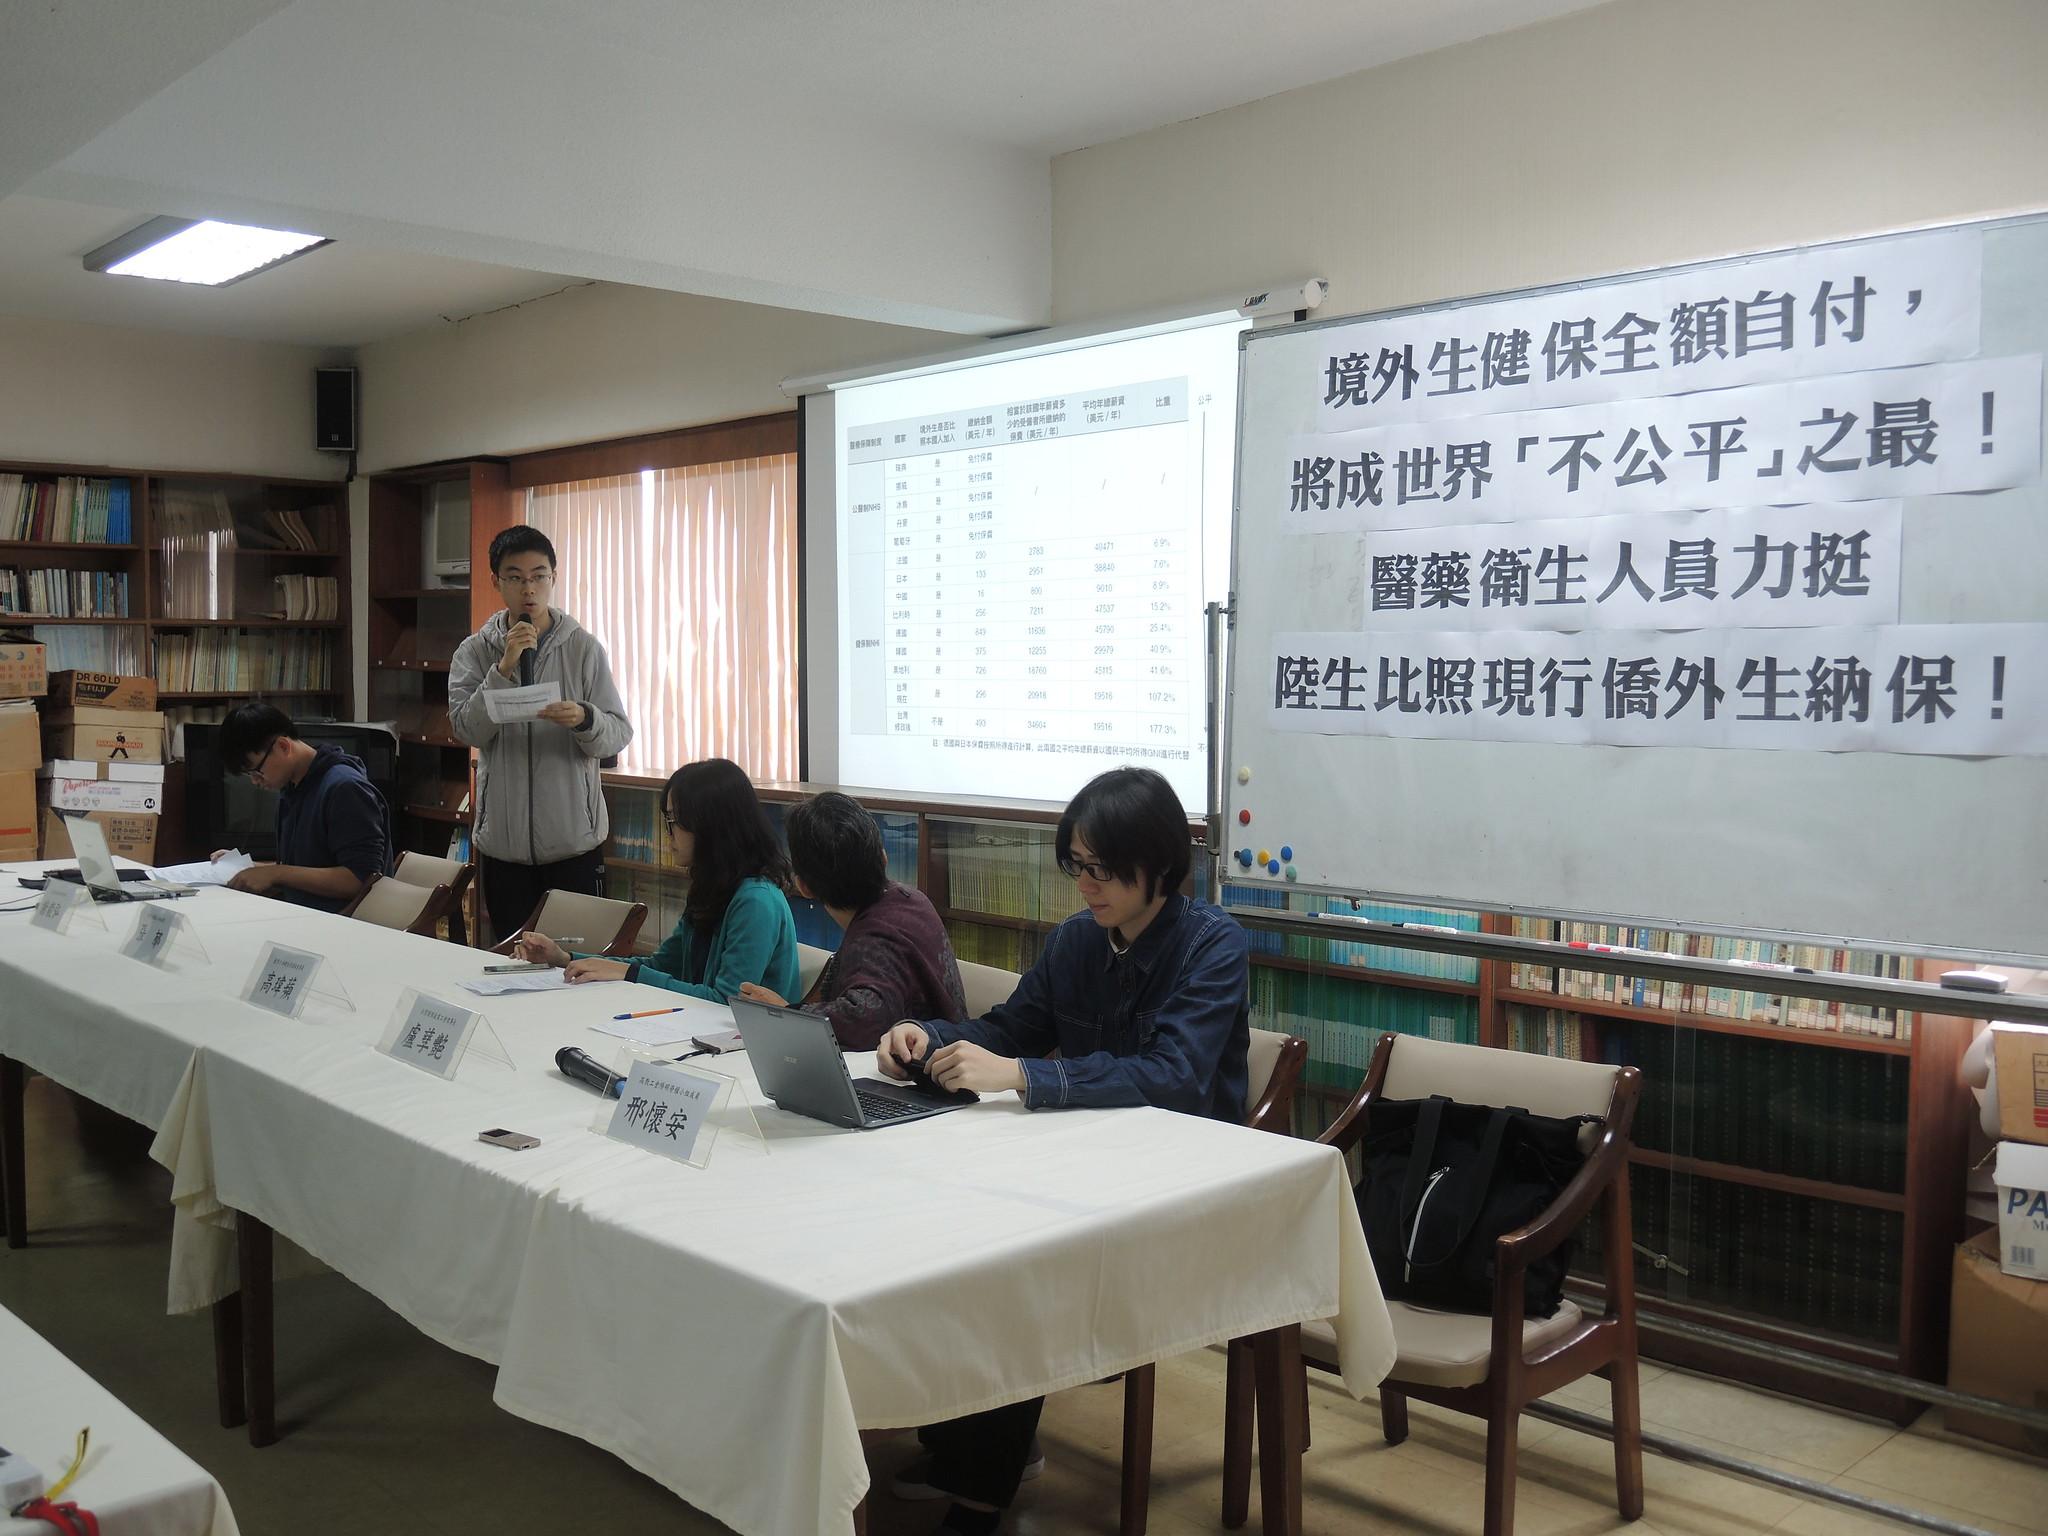 境外生權益小組等團體反對民進黨版健保修正案。(攝影:曾福全)